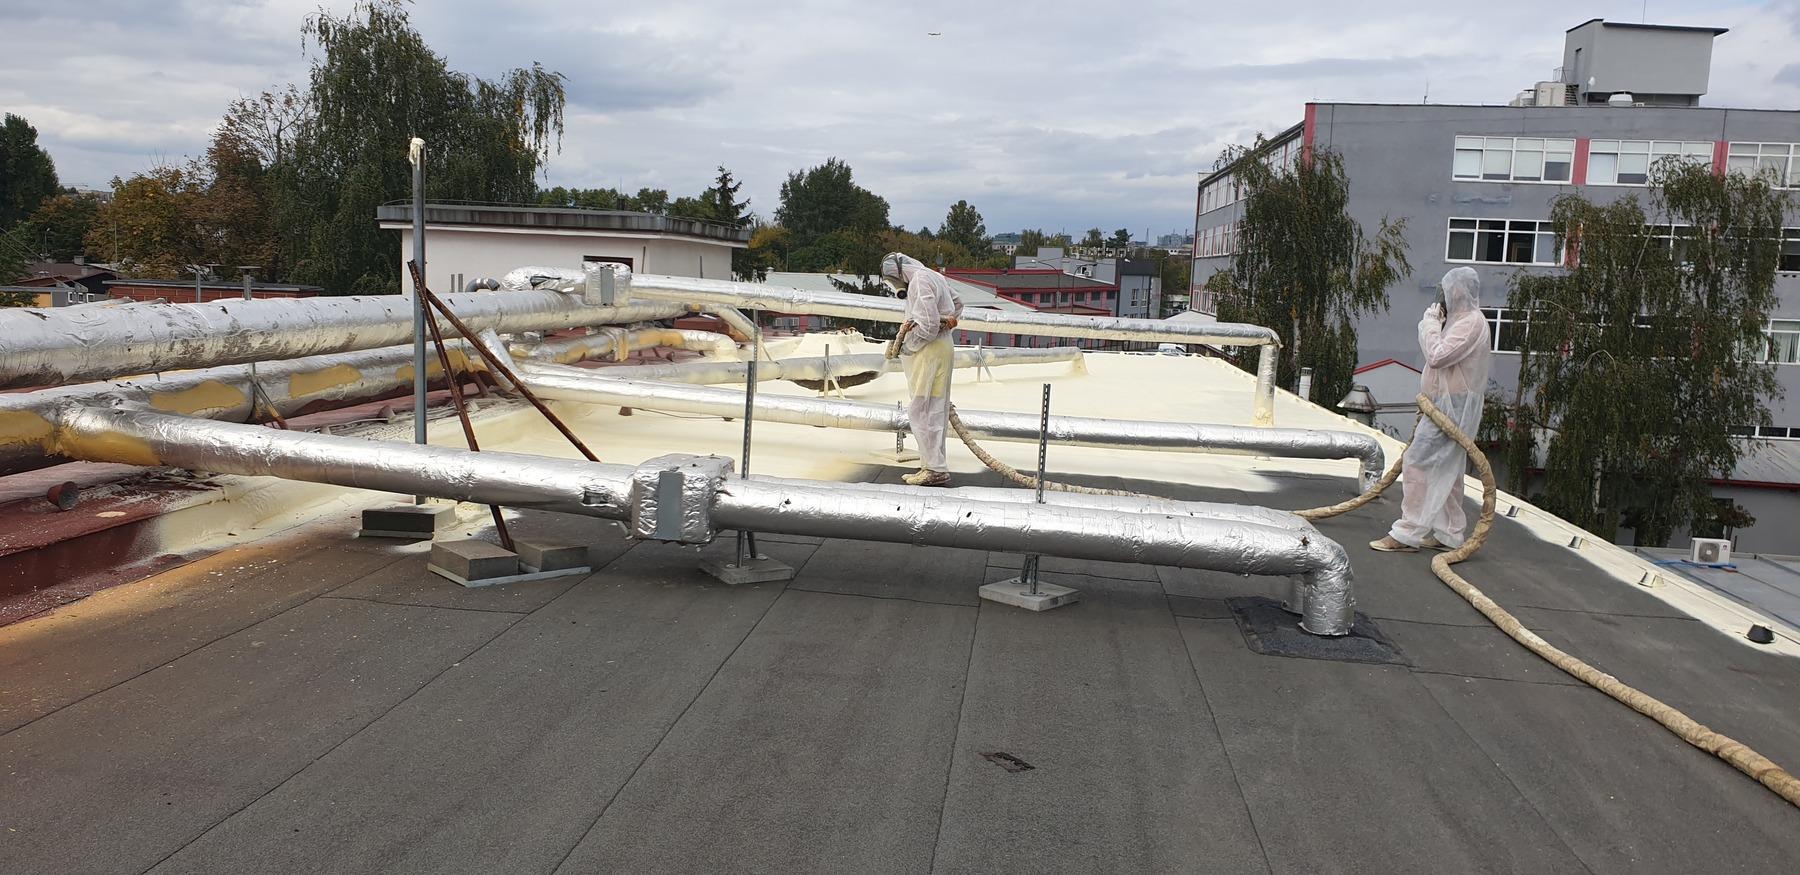 Hydroizolacja dachu płaskiego w Krakowie